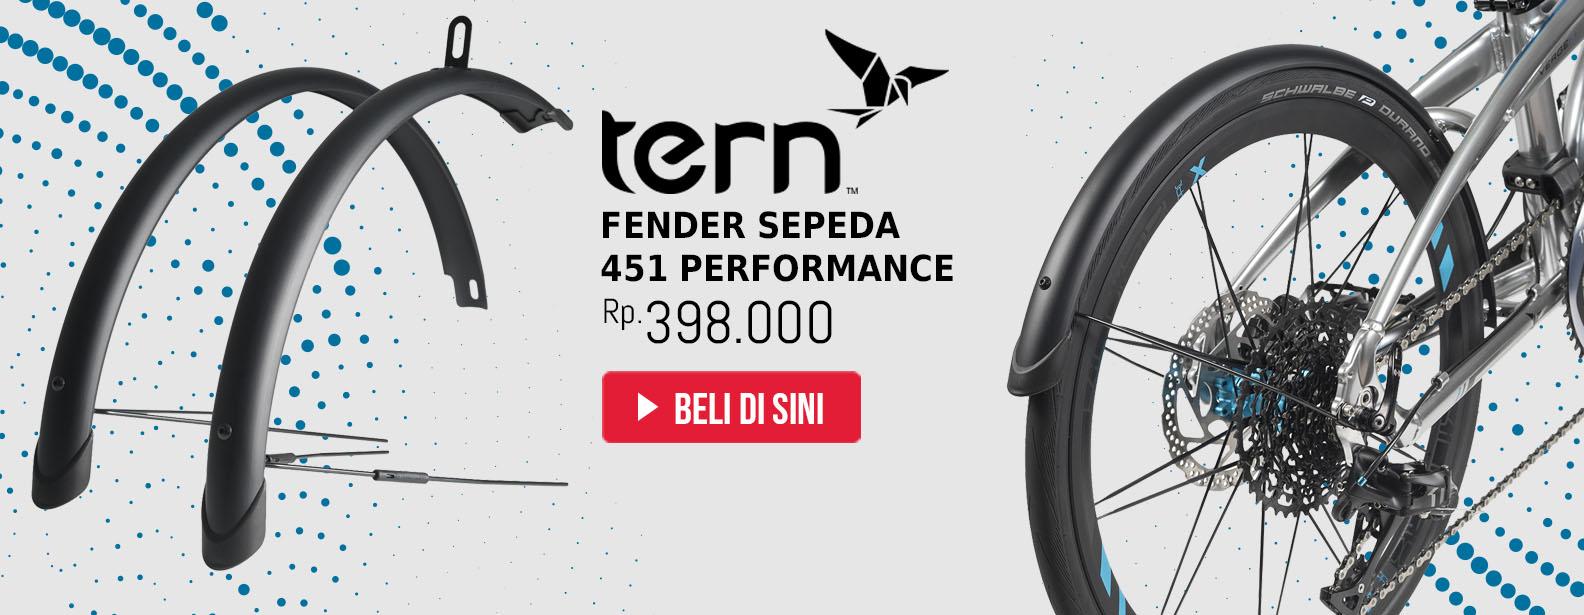 Tern Fender Sepeda 451 Performance